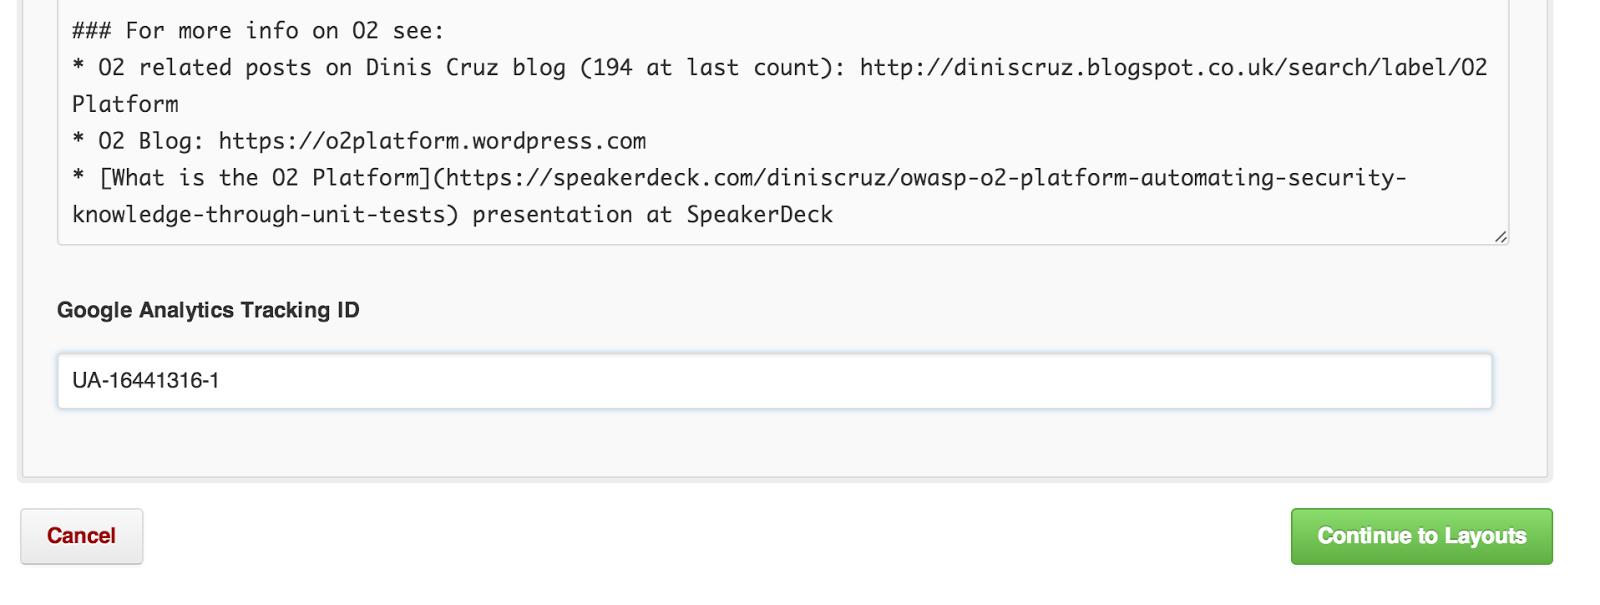 Dinis Cruz Blog: Creating o2platform com website using